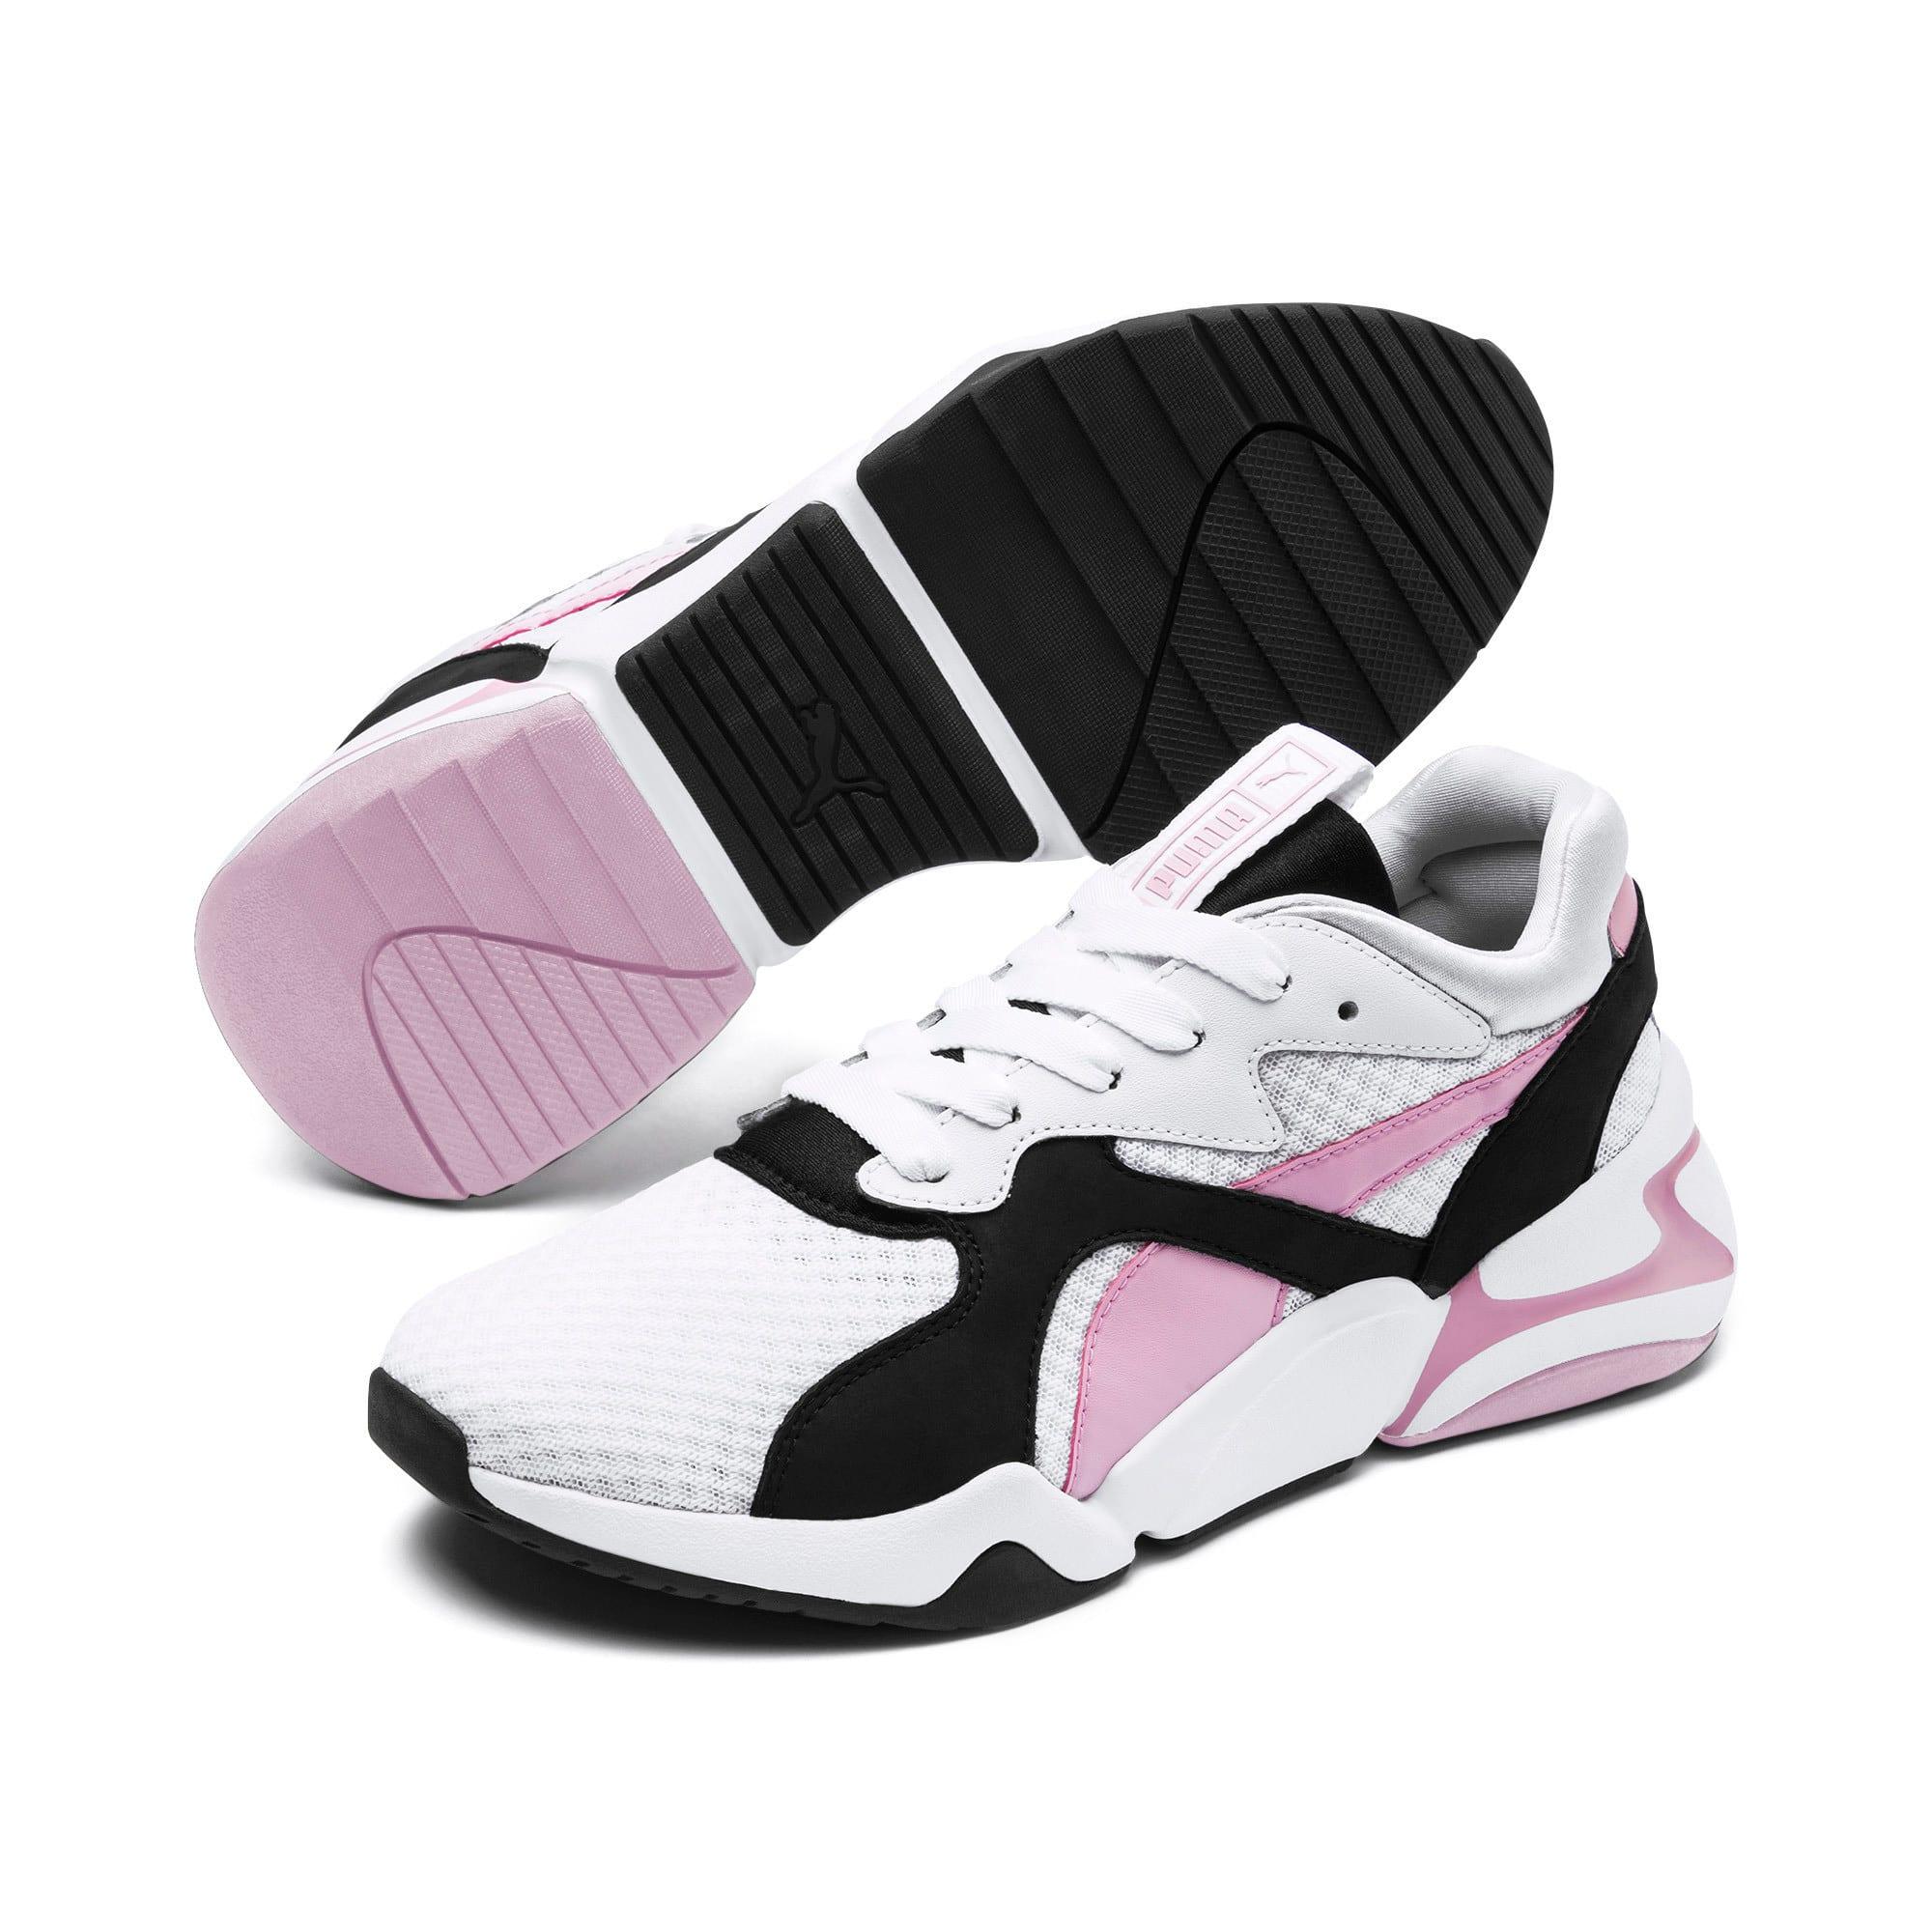 Miniatura 3 de Zapatos deportivos Nova '90s Bloc para mujer, Puma White-Pale Pink, mediano